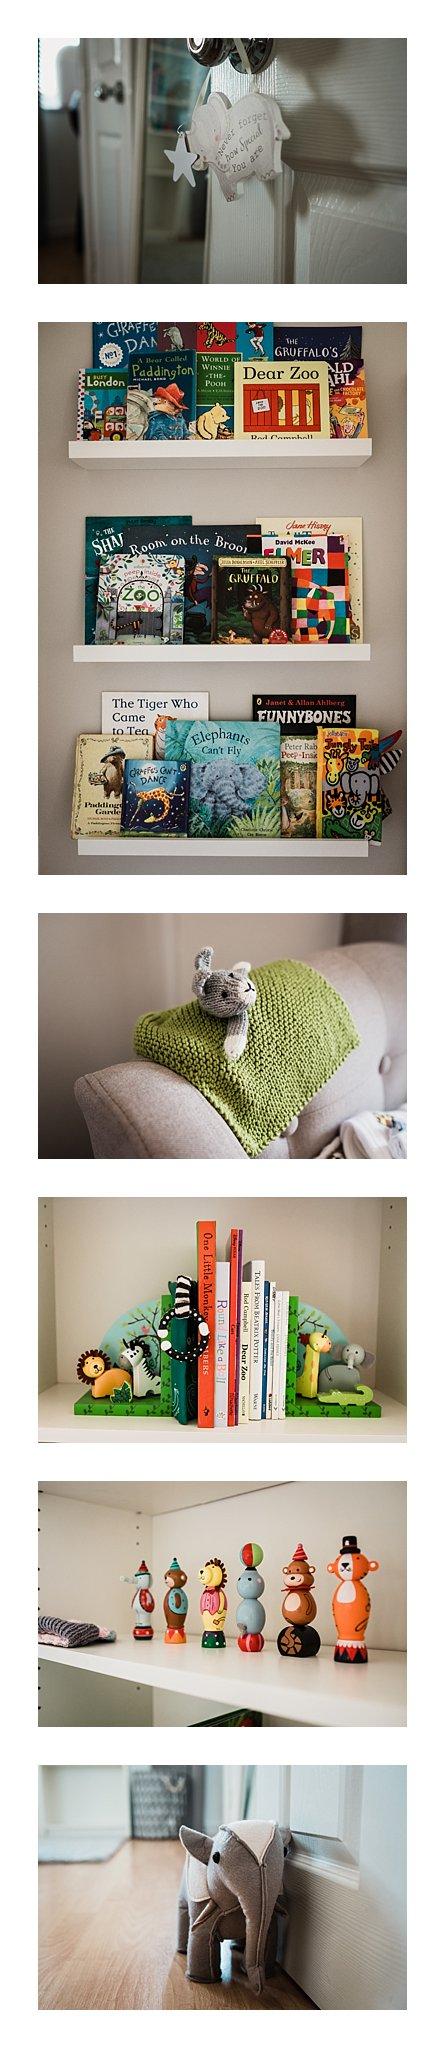 Sarah Marsden enjoys forever memorialising the little details of newborn life in images for the family to cherish forever